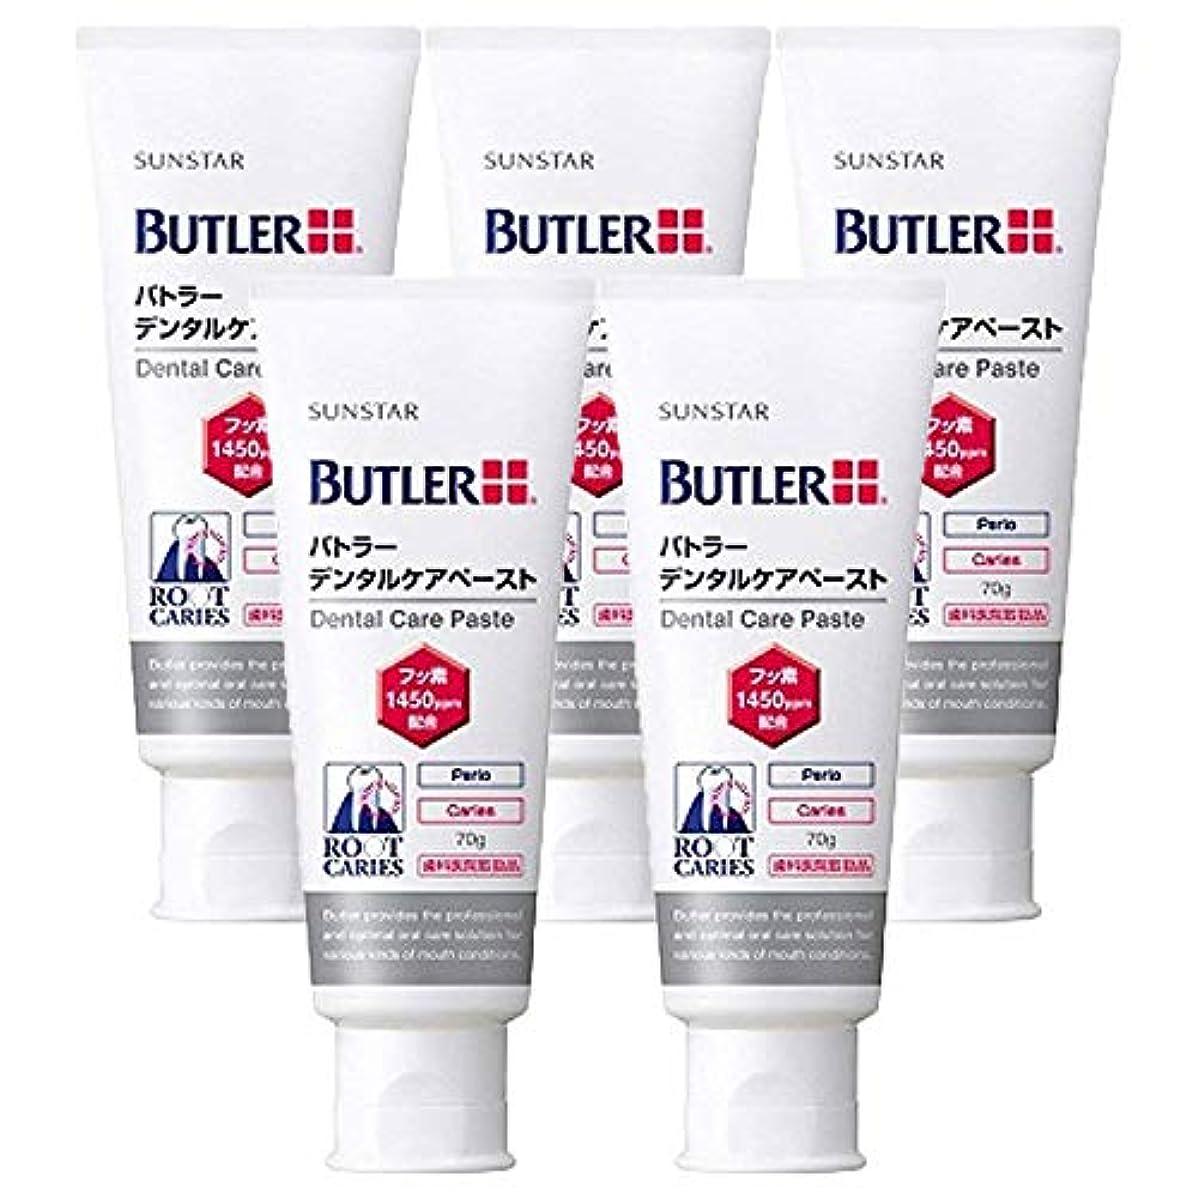 免疫する化学薬品寛解BUTLER(バトラー) バトラー?デンタルケアペースト 1450ppm 70g [医薬部外品] × 5個